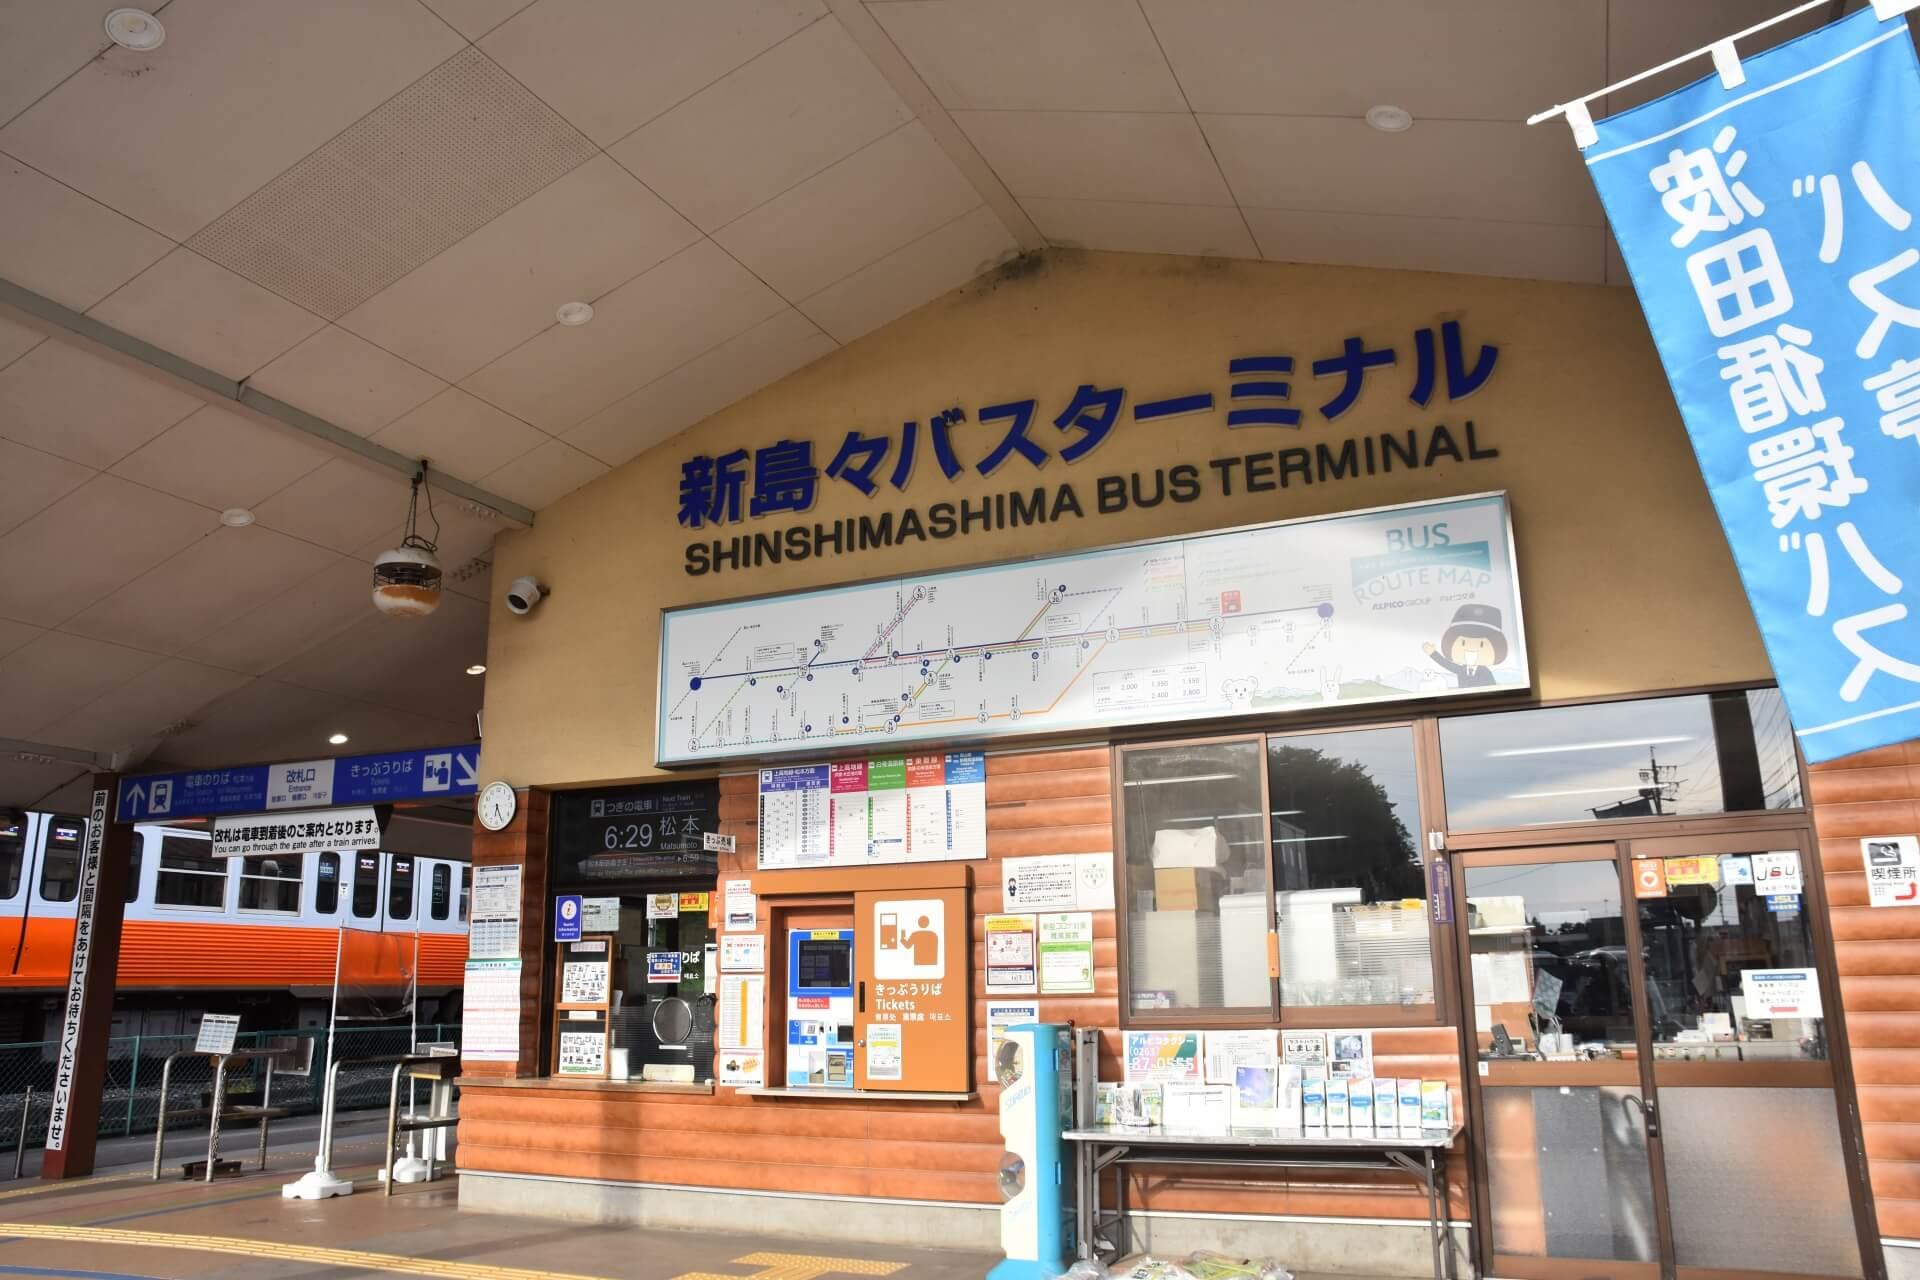 shinshimashima-kamikochi